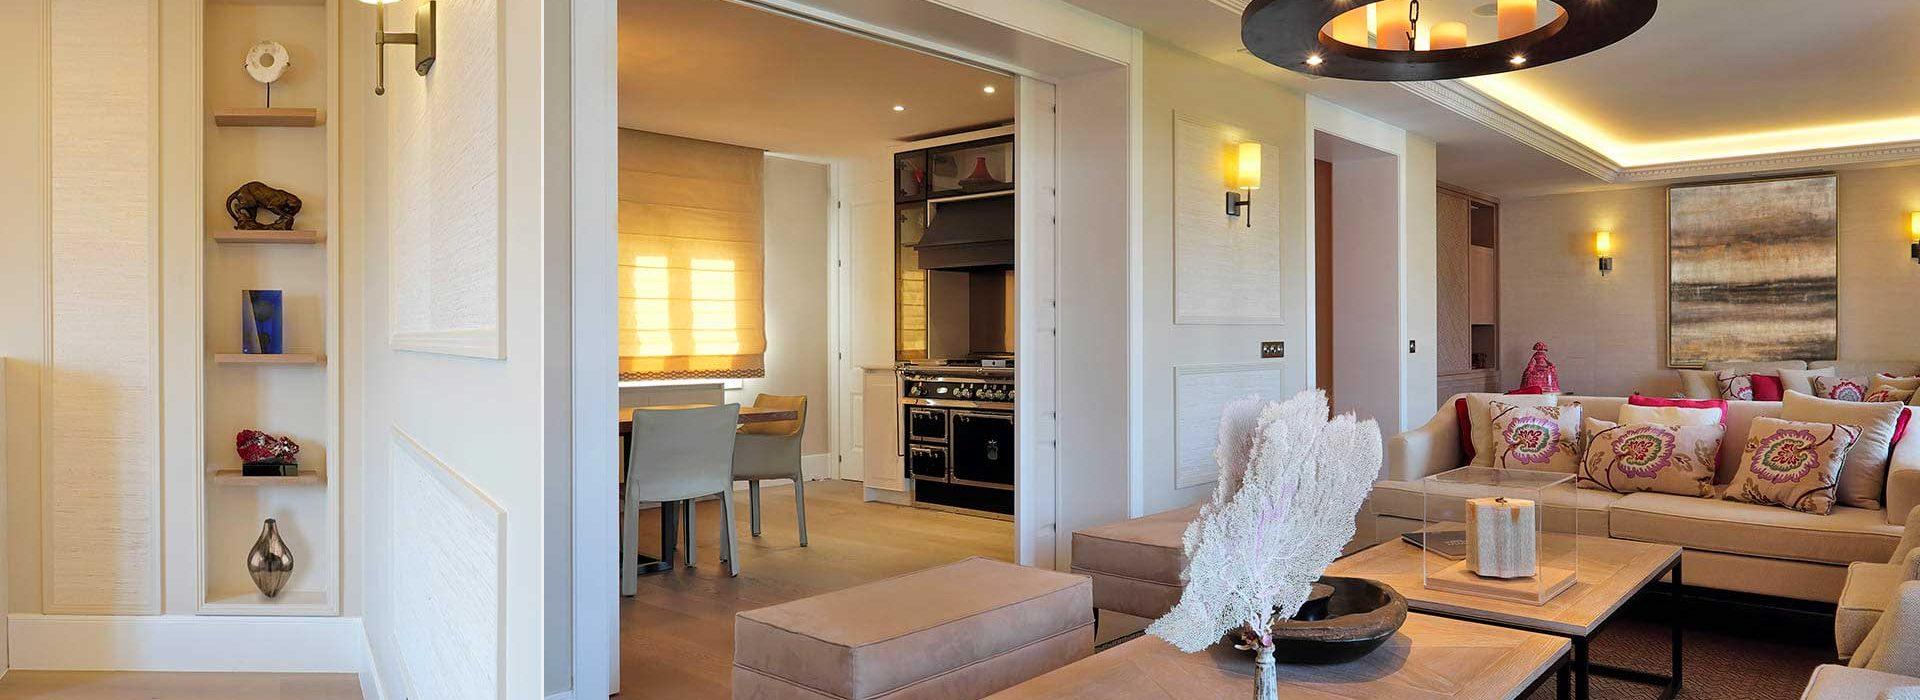 MADRID-FAMILY-APARTMENT-03-Dome-interior-design-Geneve-Suisse